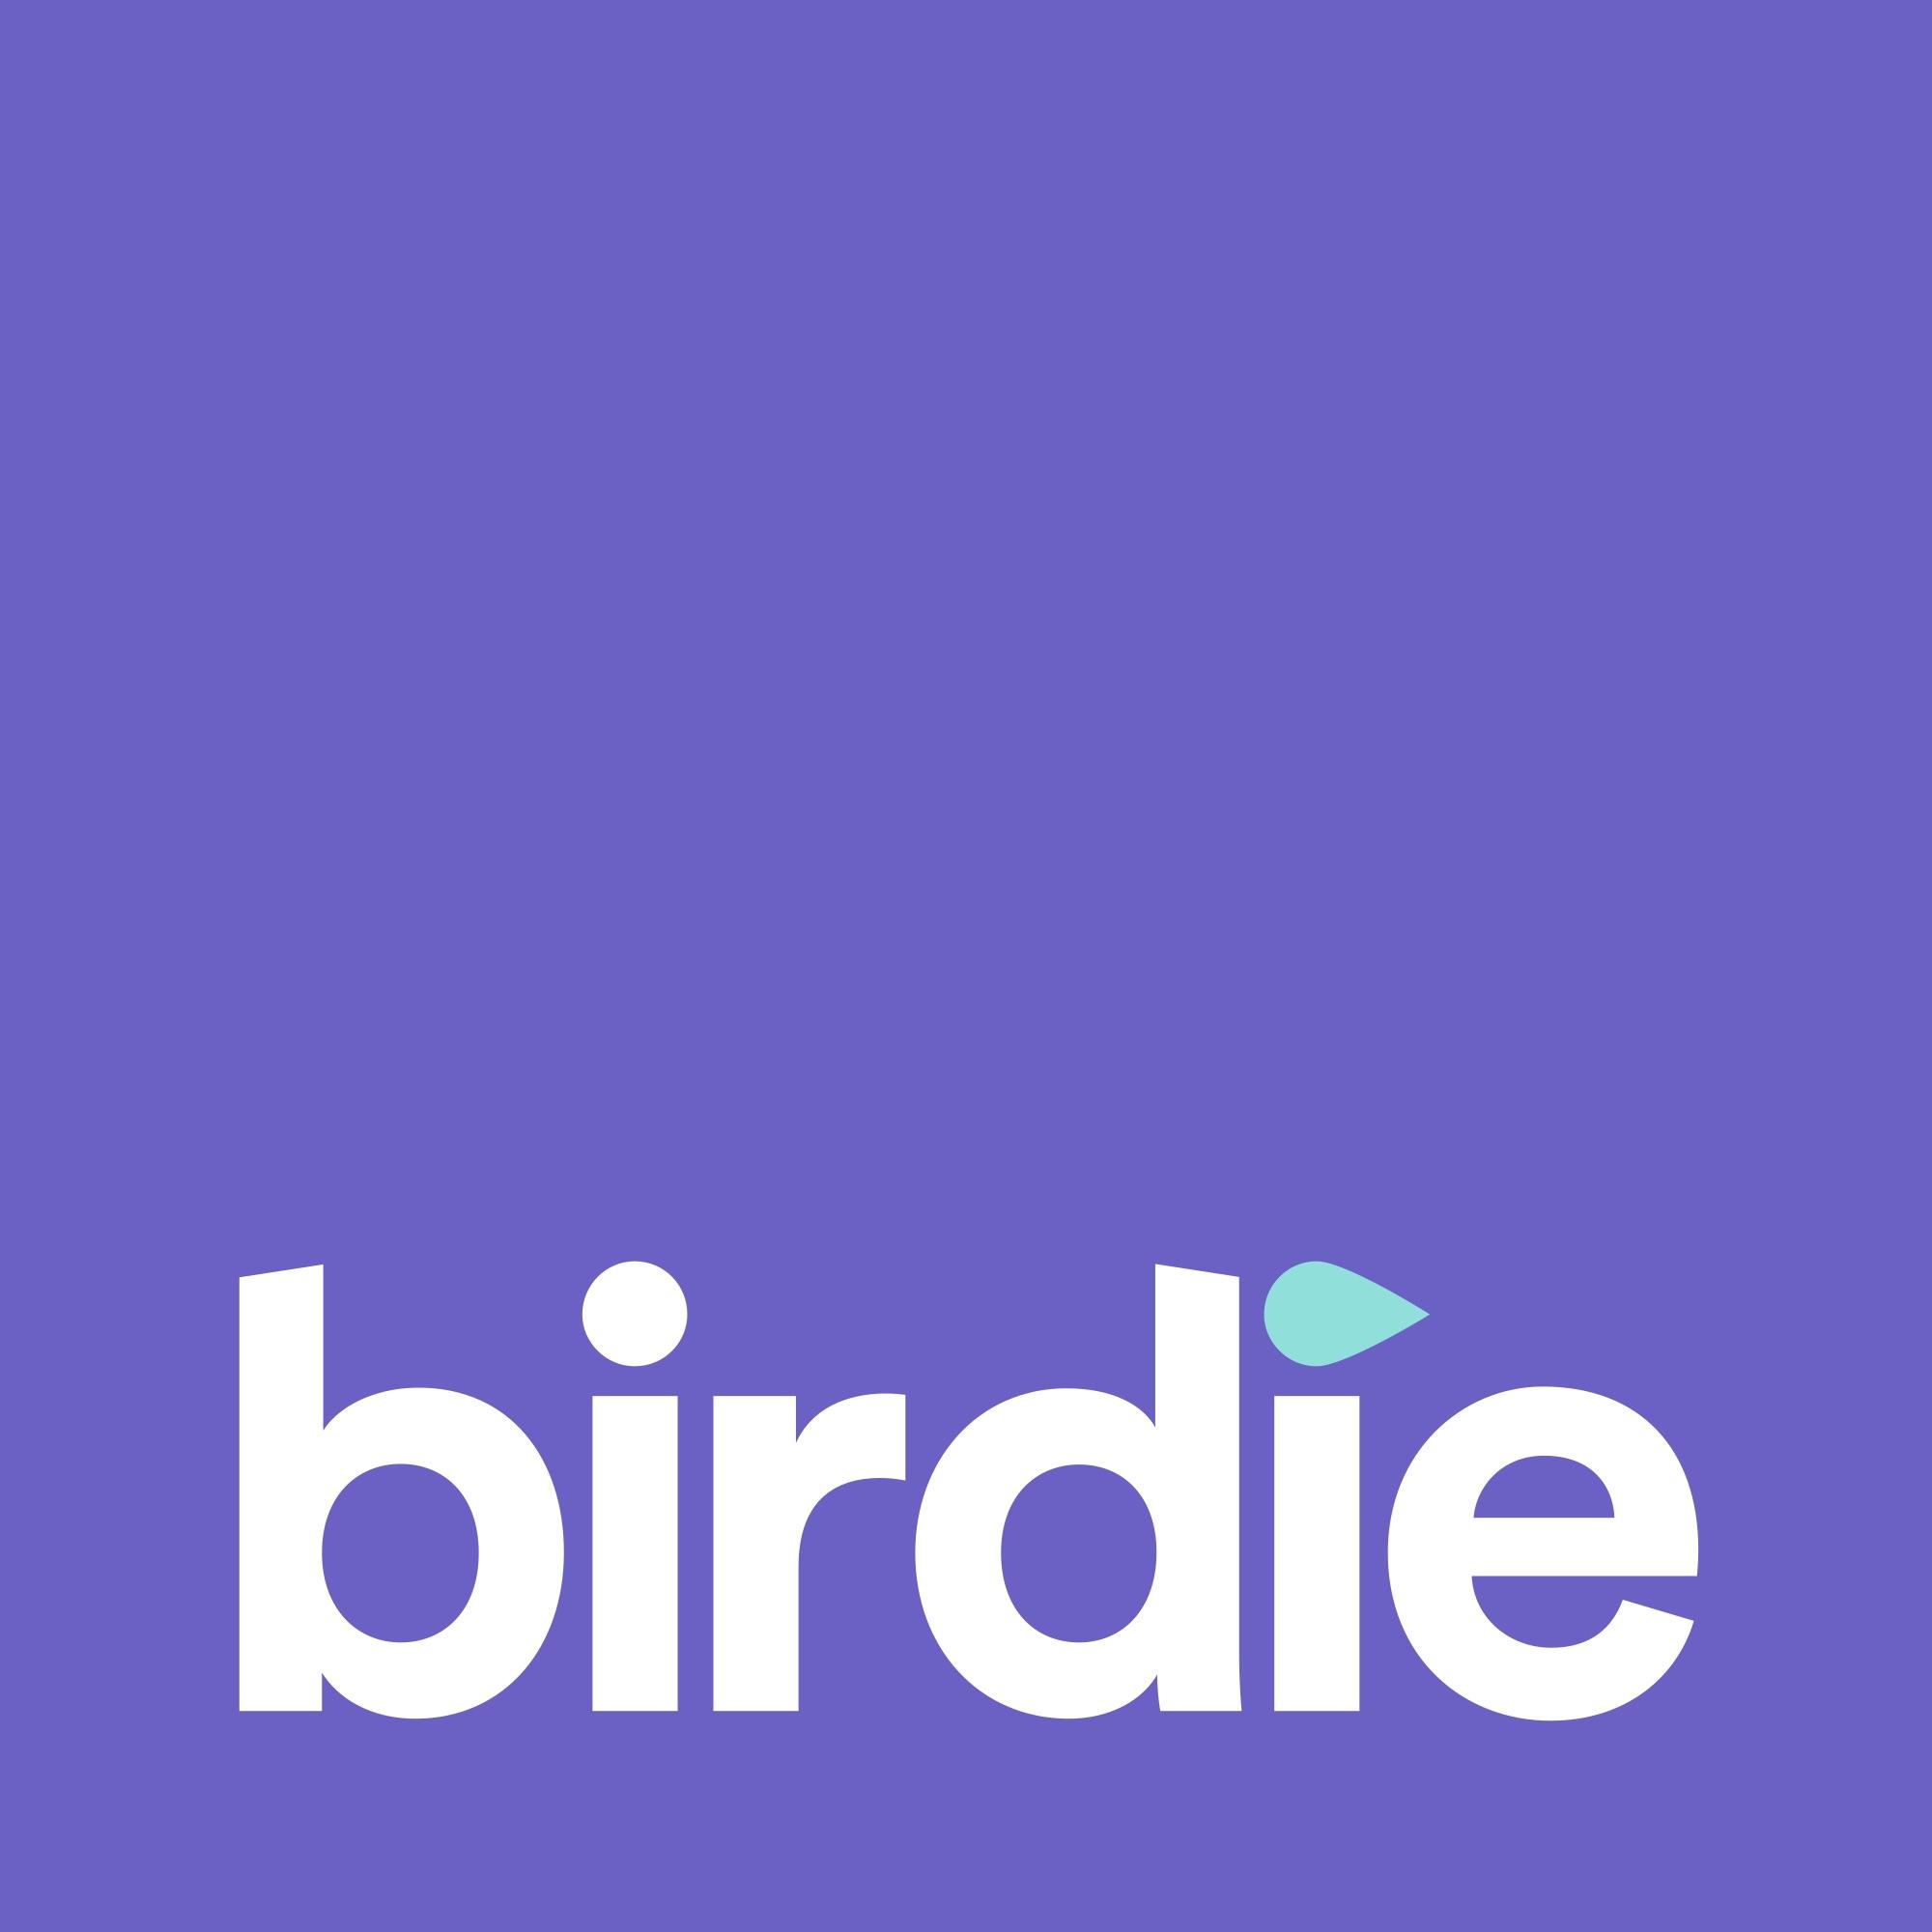 birdie-square